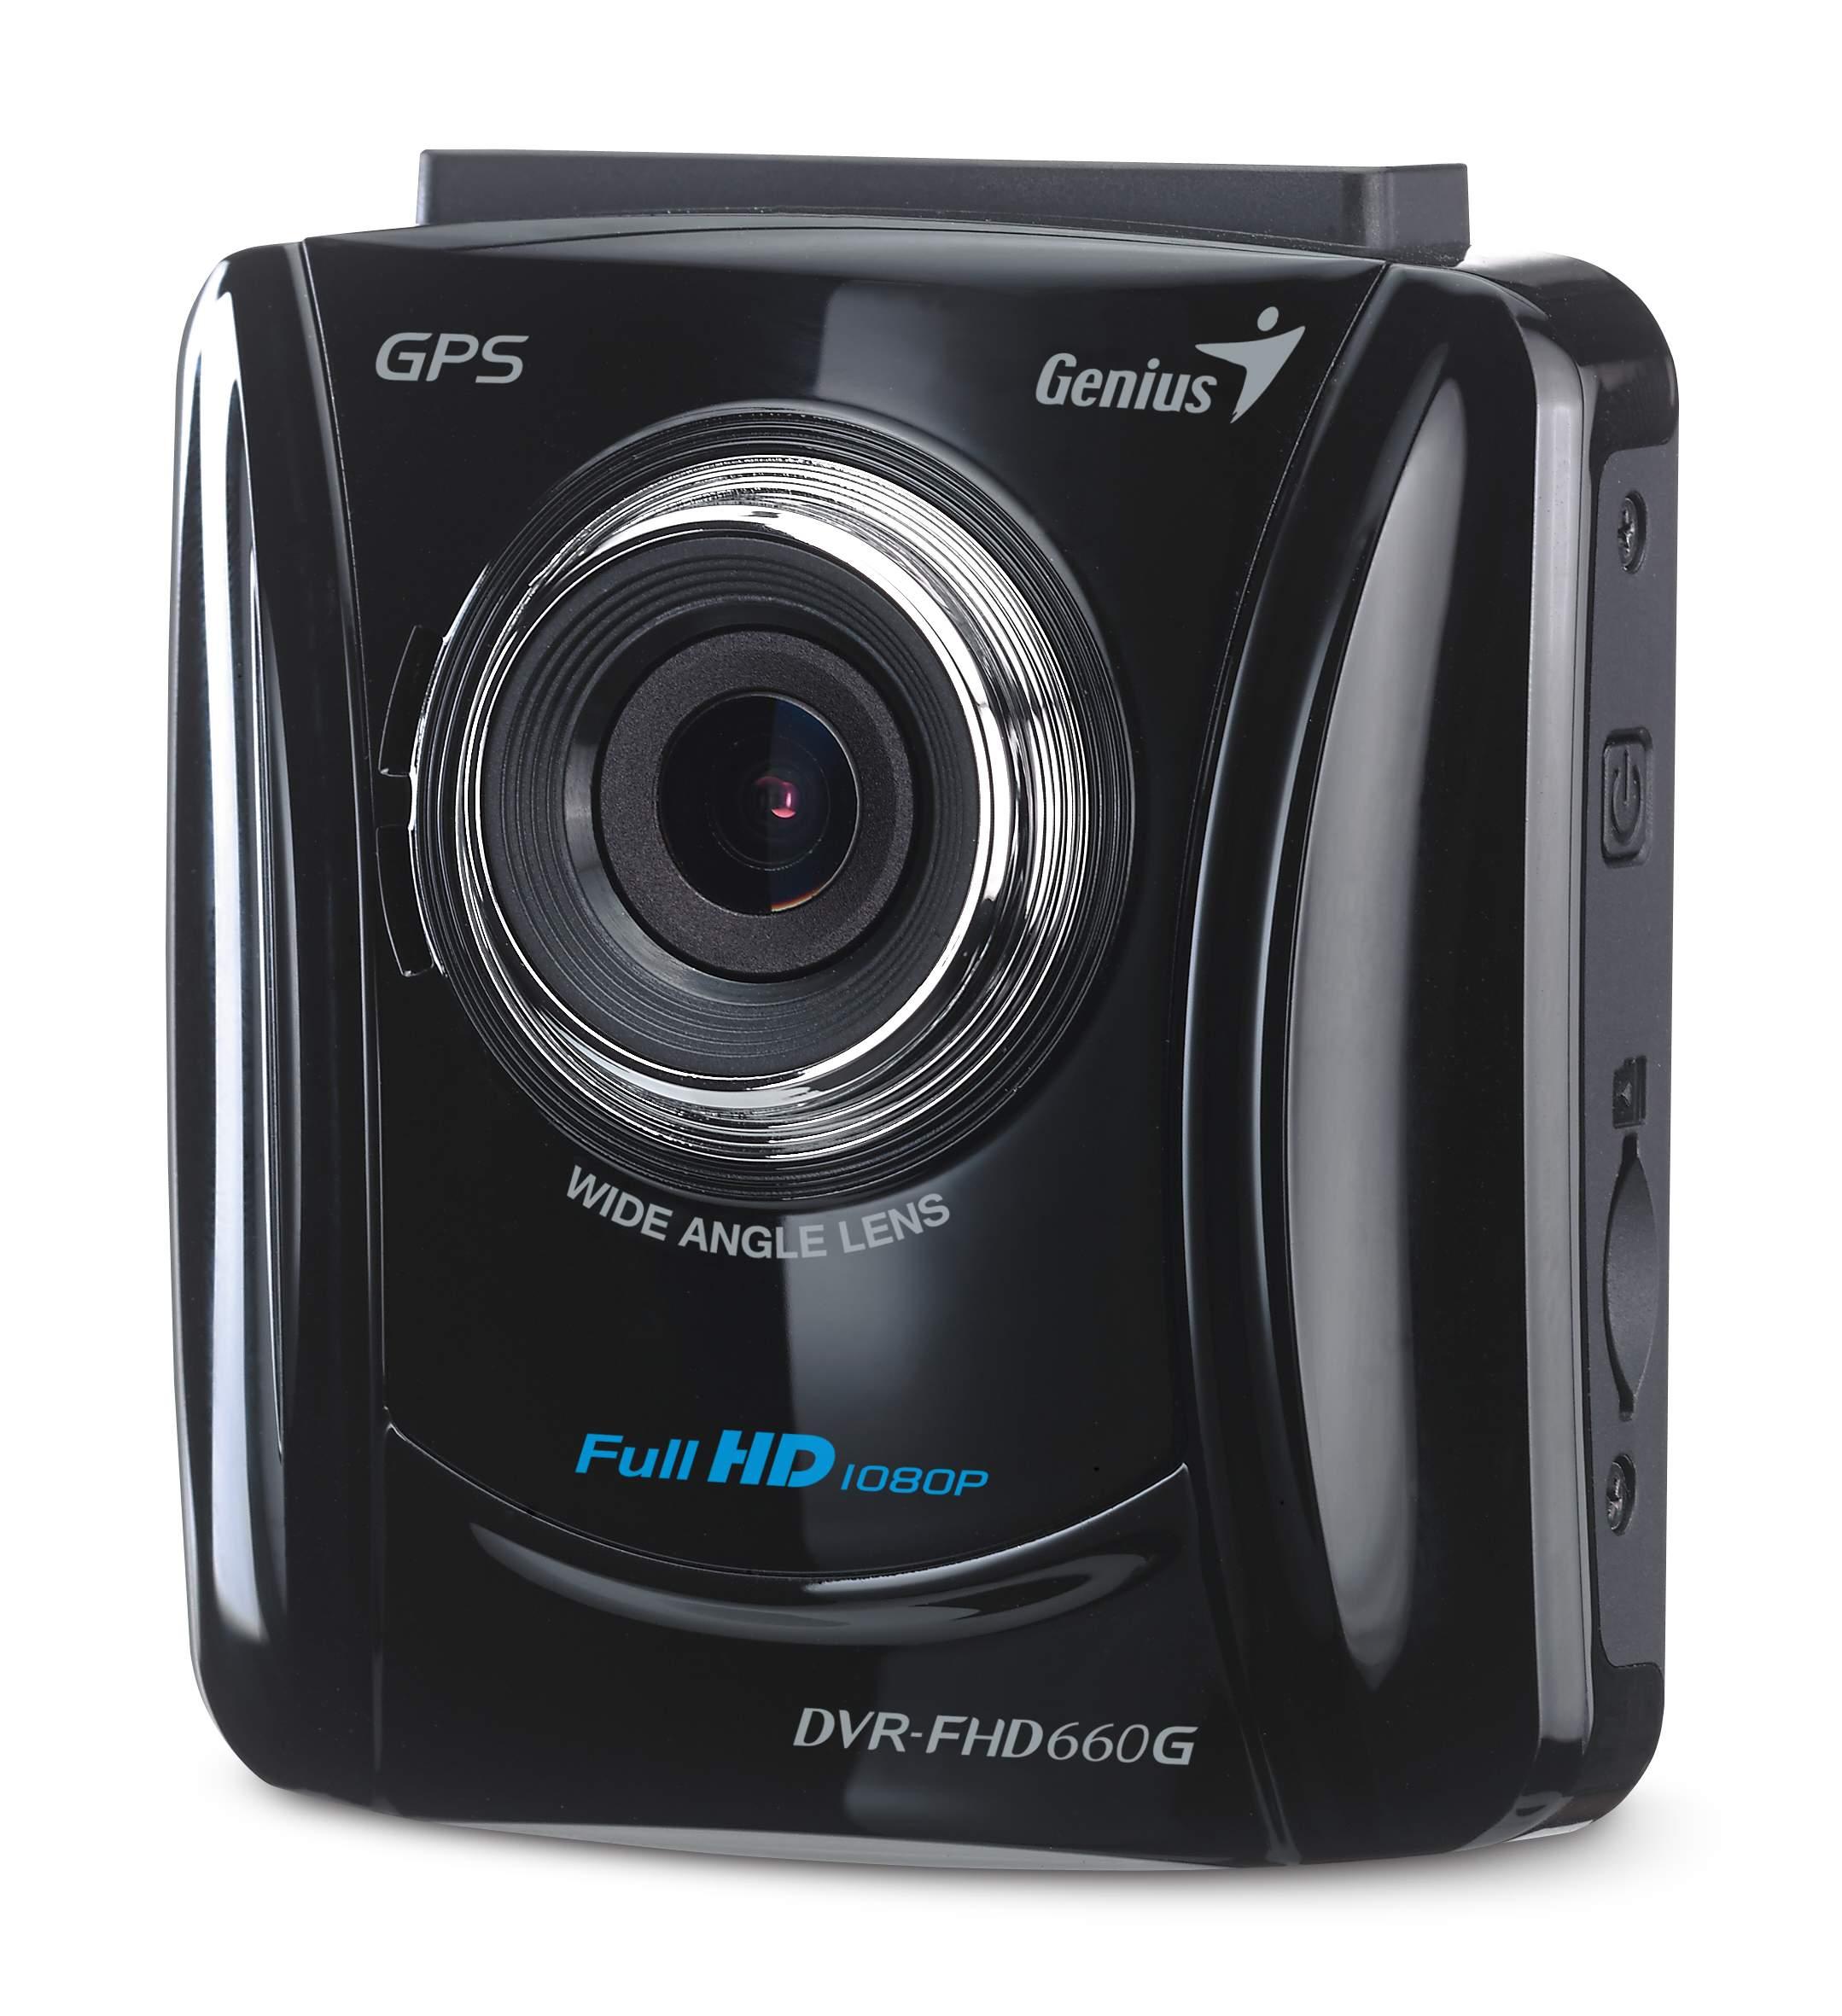 Genius DVR-FHD660G Perekam Kendaraan Dengan Fitur GPS Harga 1 Jutaan